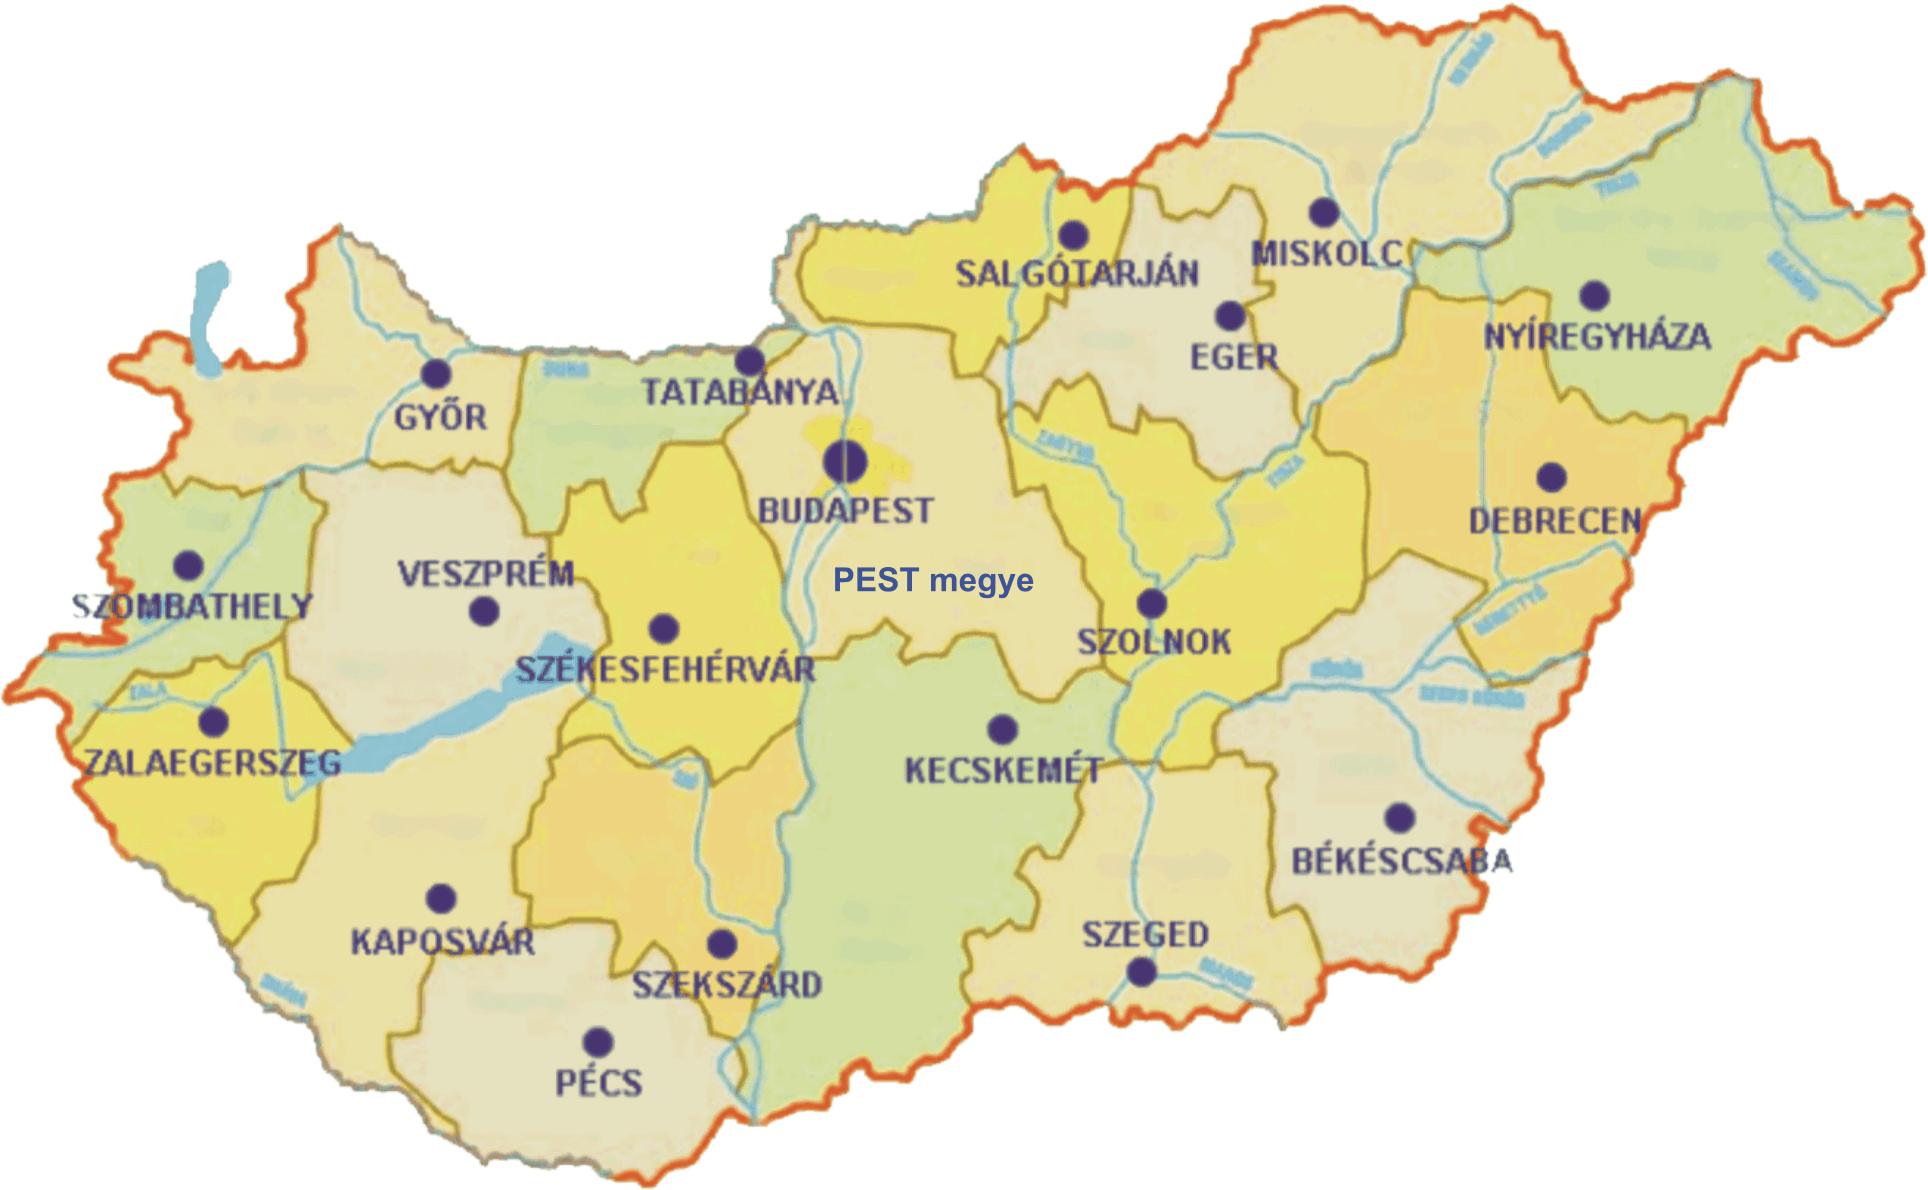 magyarország térkép megyeszékhelyek szilikon (silicone) 41 lehetőség a víz okozta károk legyőzésére magyarország térkép megyeszékhelyek